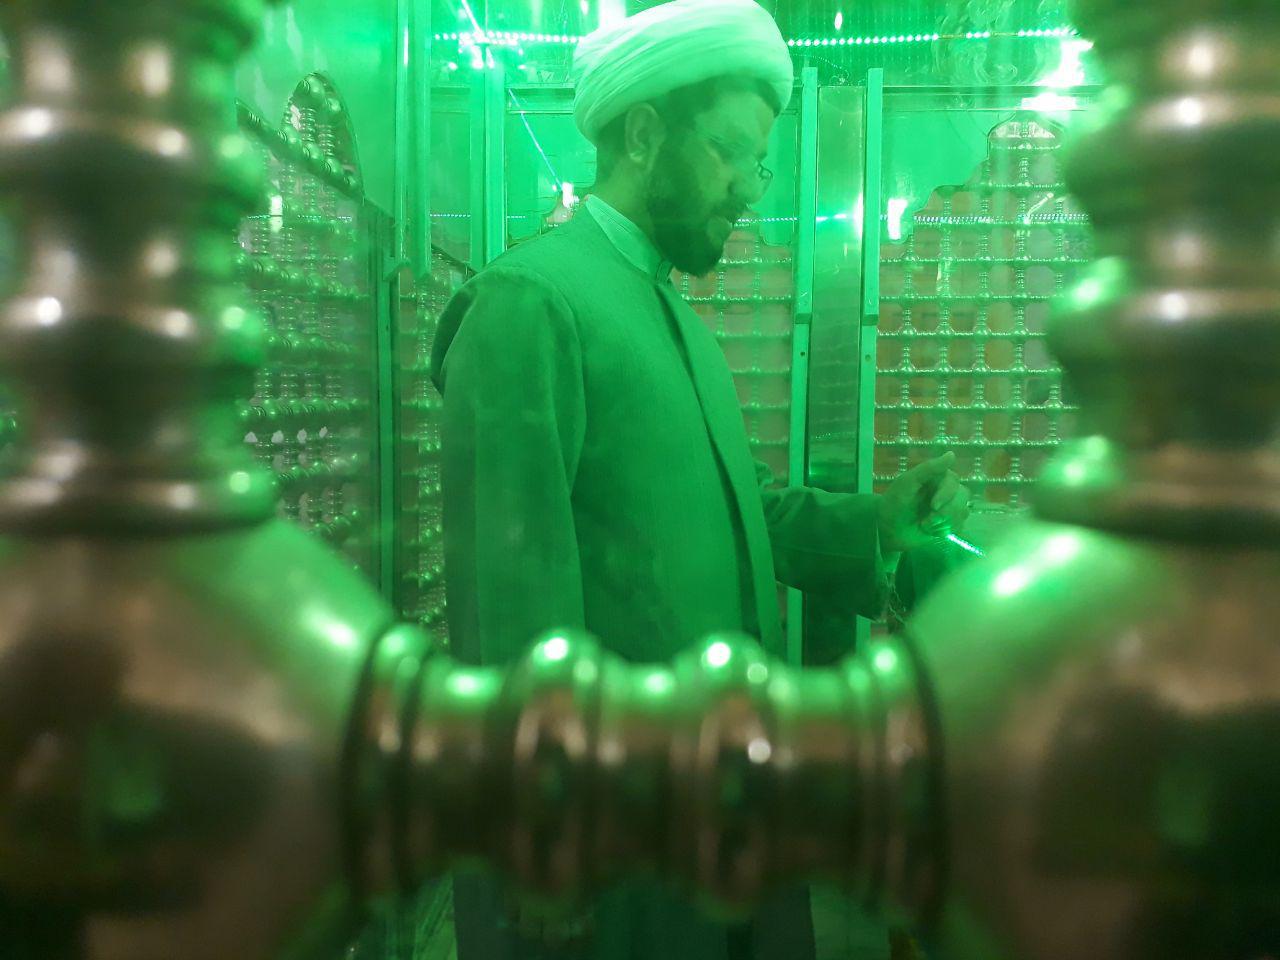 مراسم معنوی غبار روبی امامزاده سید محمد با حضور امام جمعه محترم شهر قهدریجان